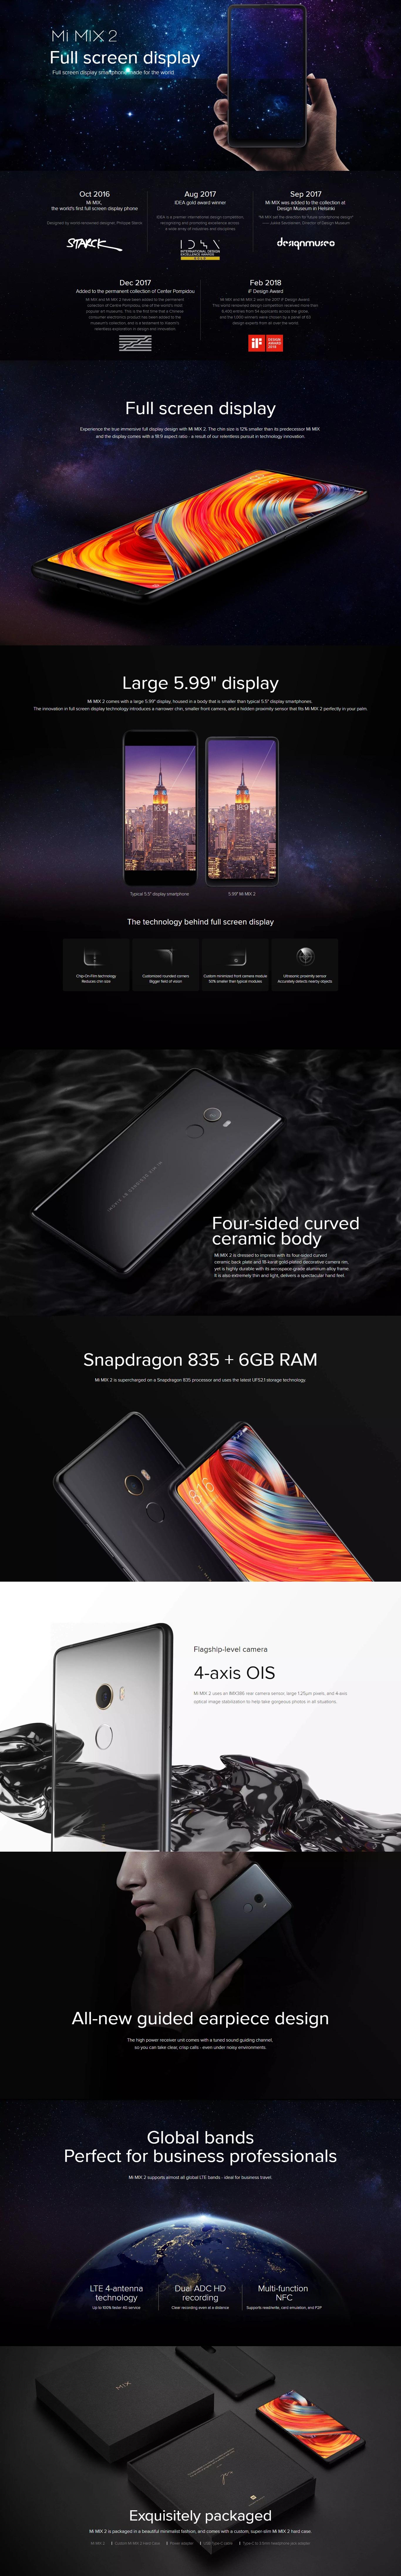 Xiaomi Mi Mix 2 128gb 6gb Ram Dual Sim Lte Ceramic Black New Iphone 7 Grs International Specifications Of Global Rom Version Intl